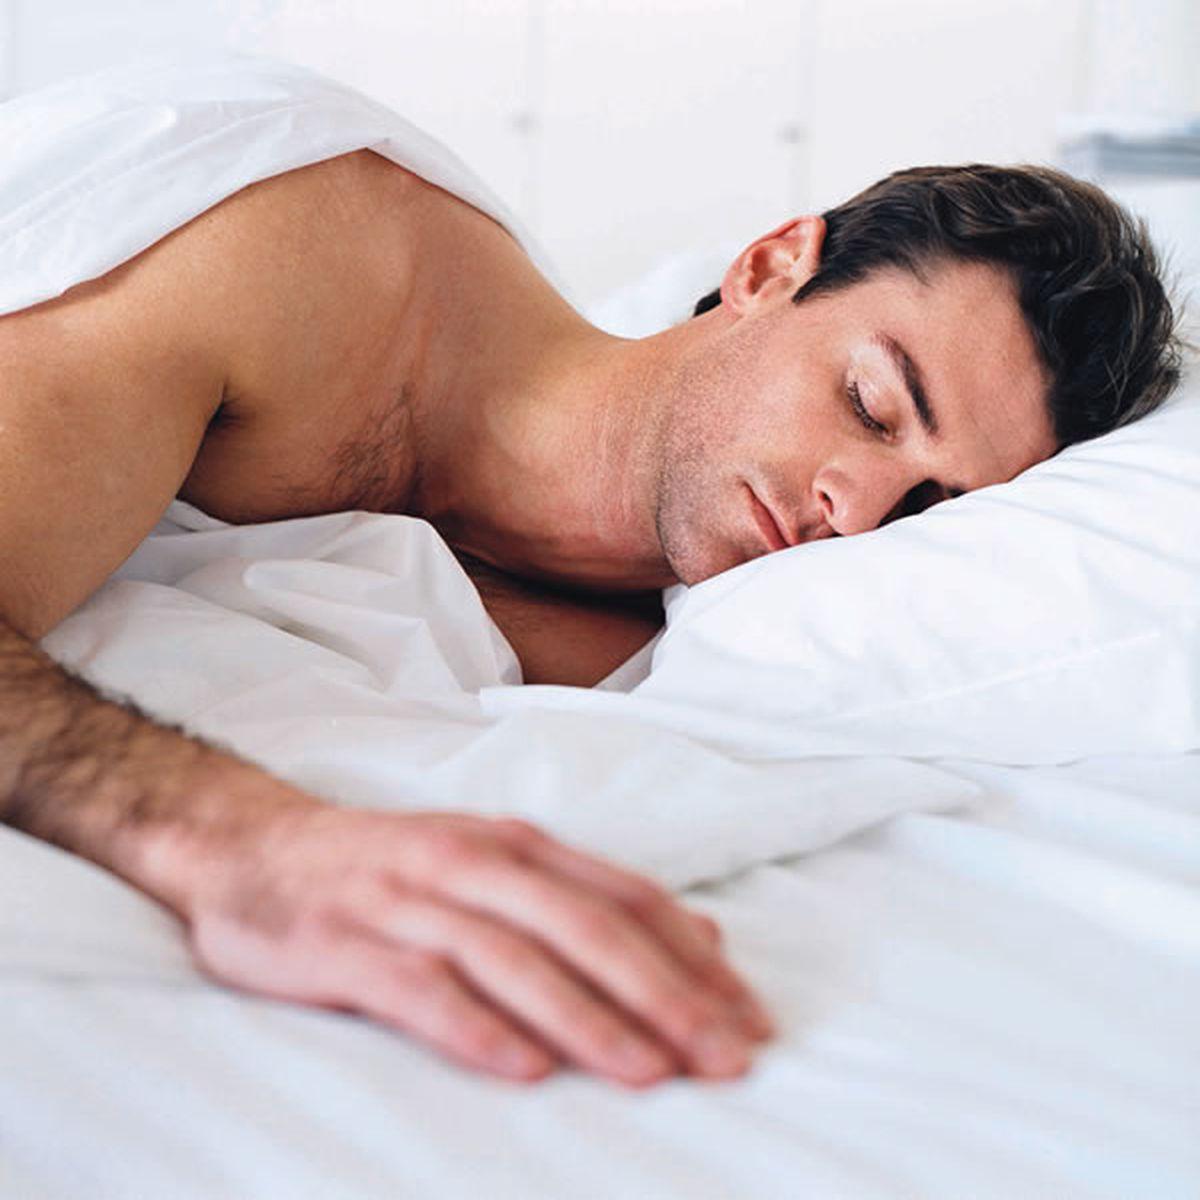 Nu am avut o erecție matinală de mult timp)